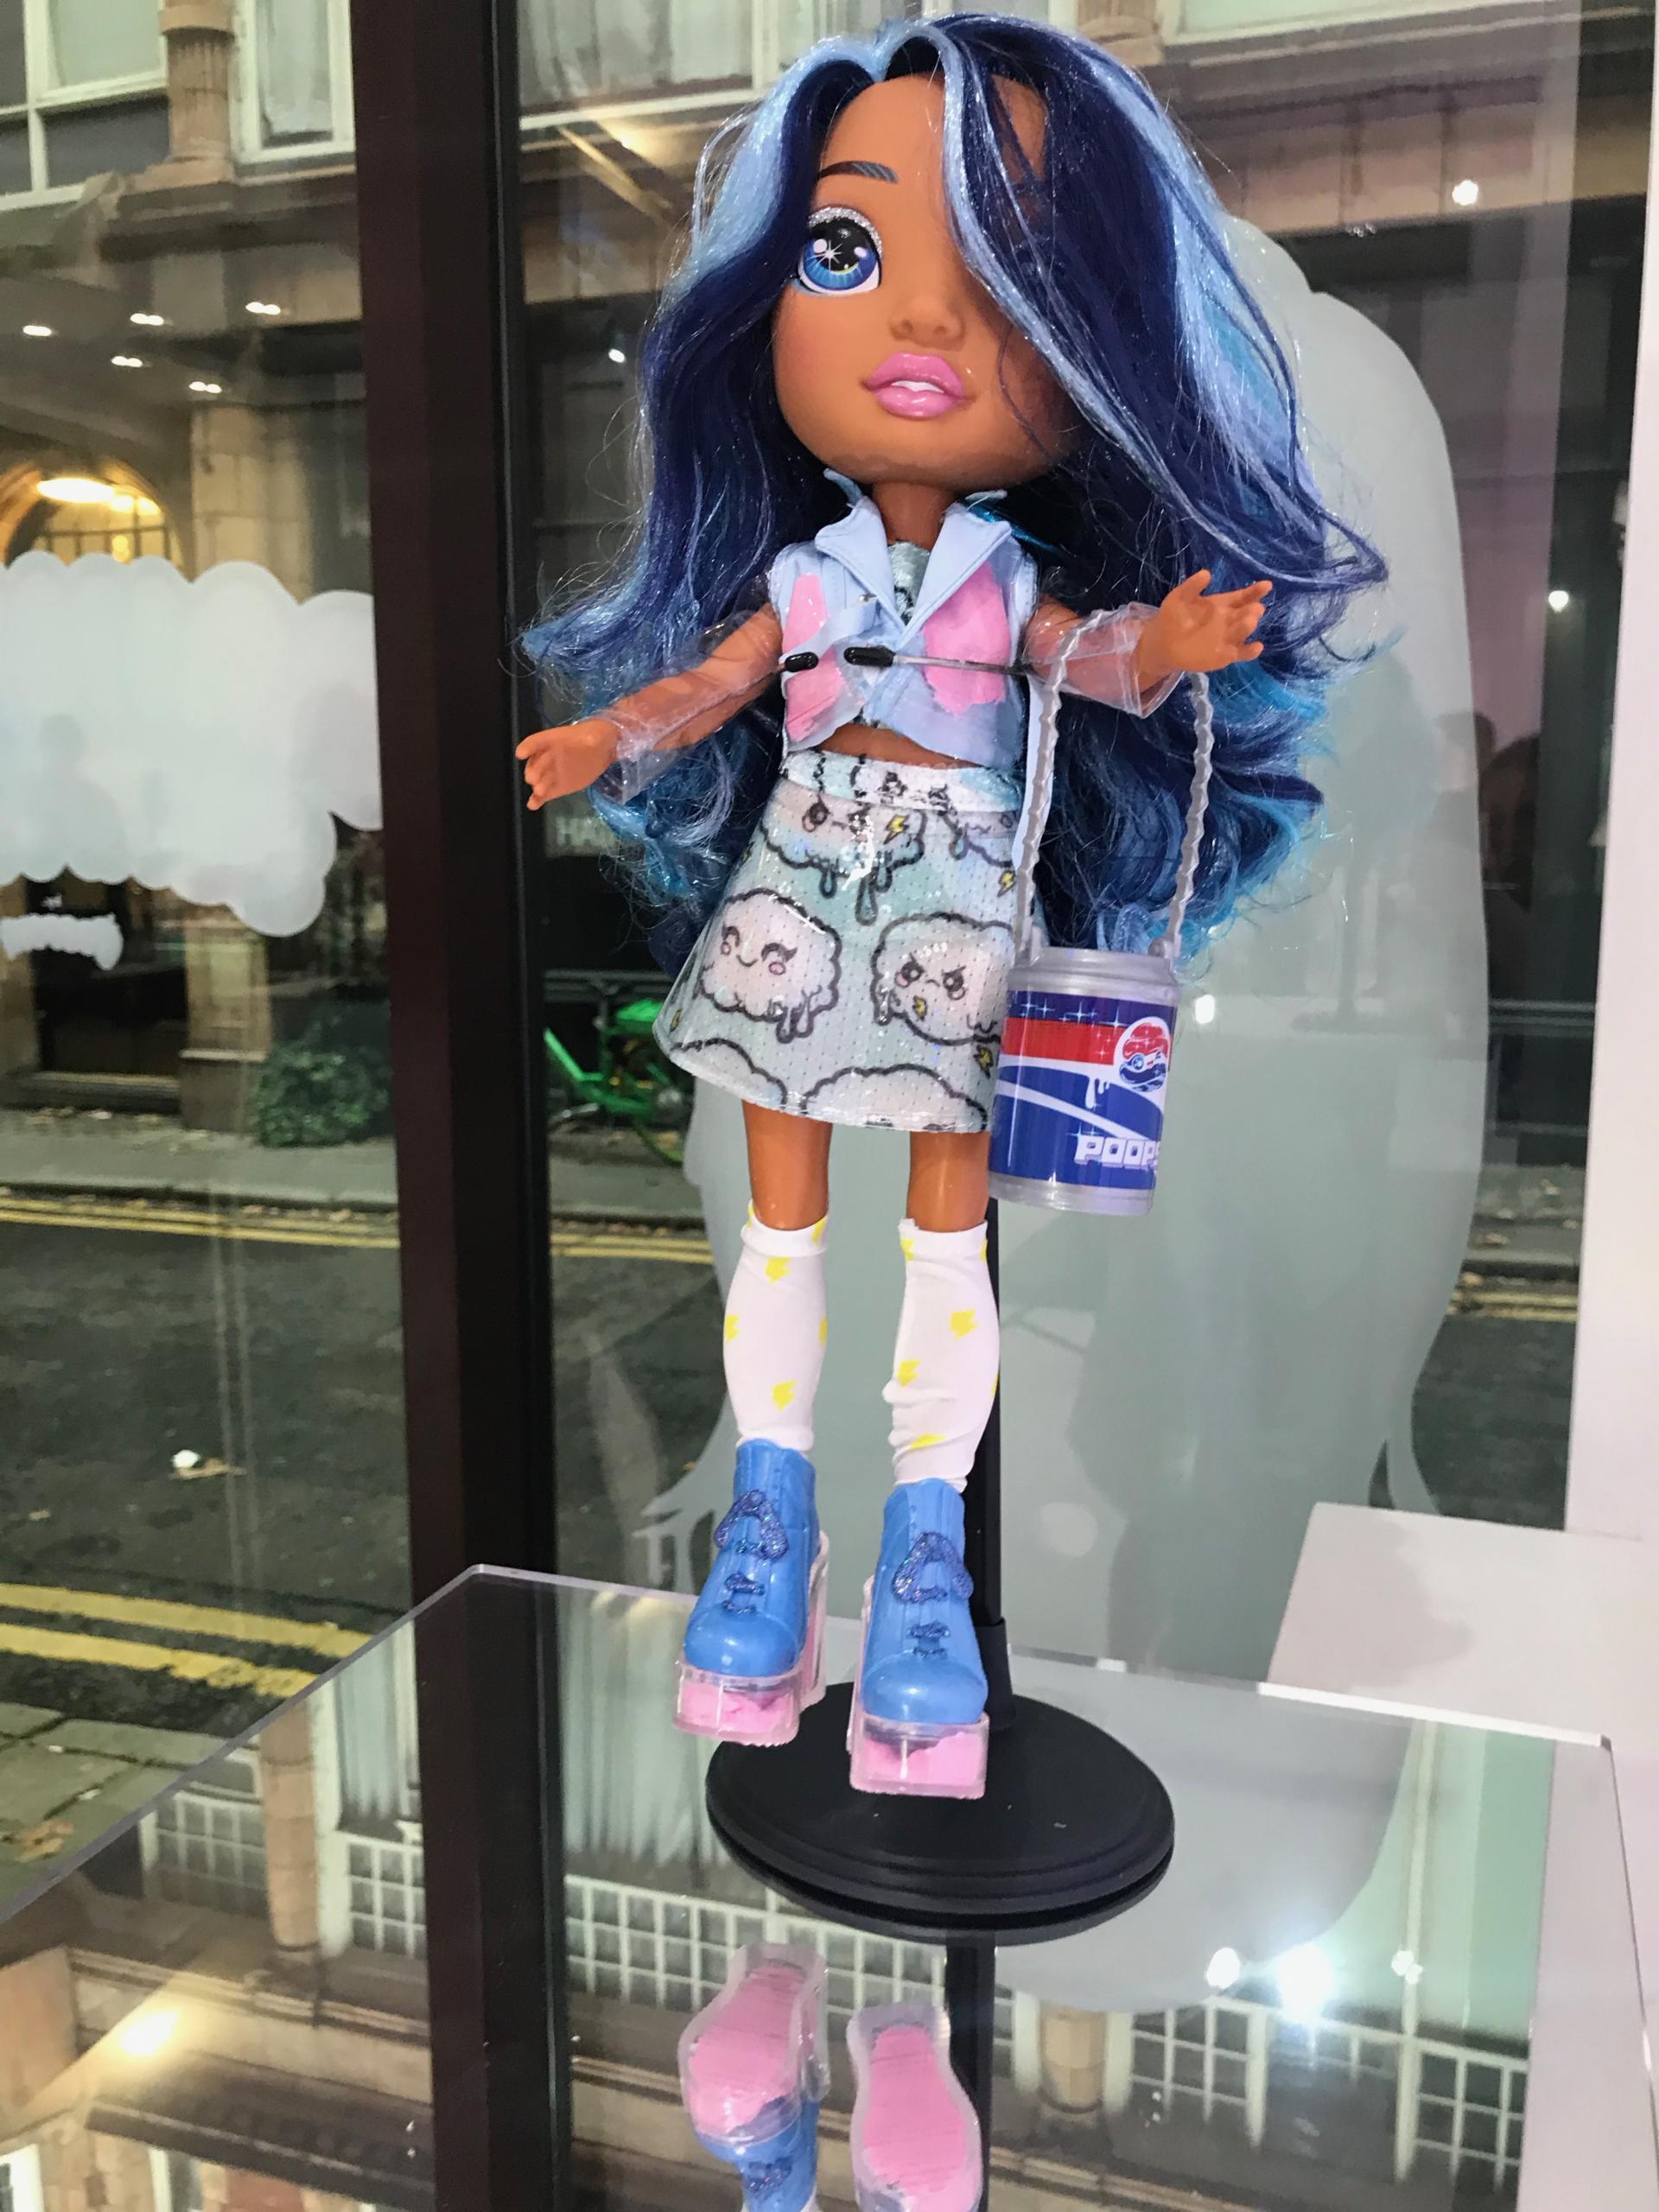 Poopsie Rainbow Surprise VIP Poop-Up Boutique in London